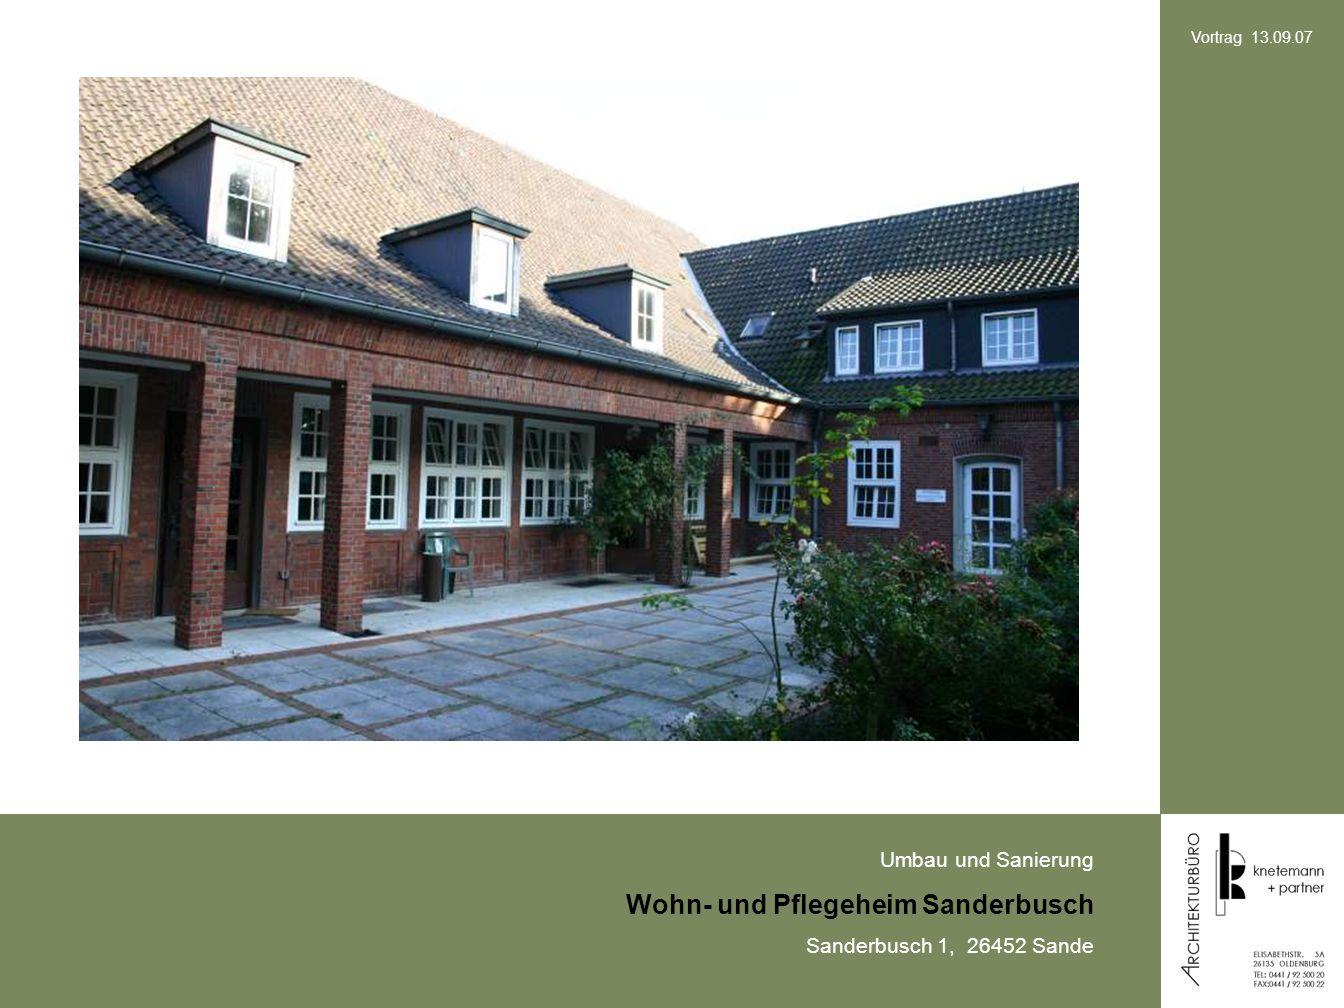 Umbau und Sanierung Wohn- und Pflegeheim Sanderbusch Sanderbusch 1, 26452 Sande Vortrag 13.09.07